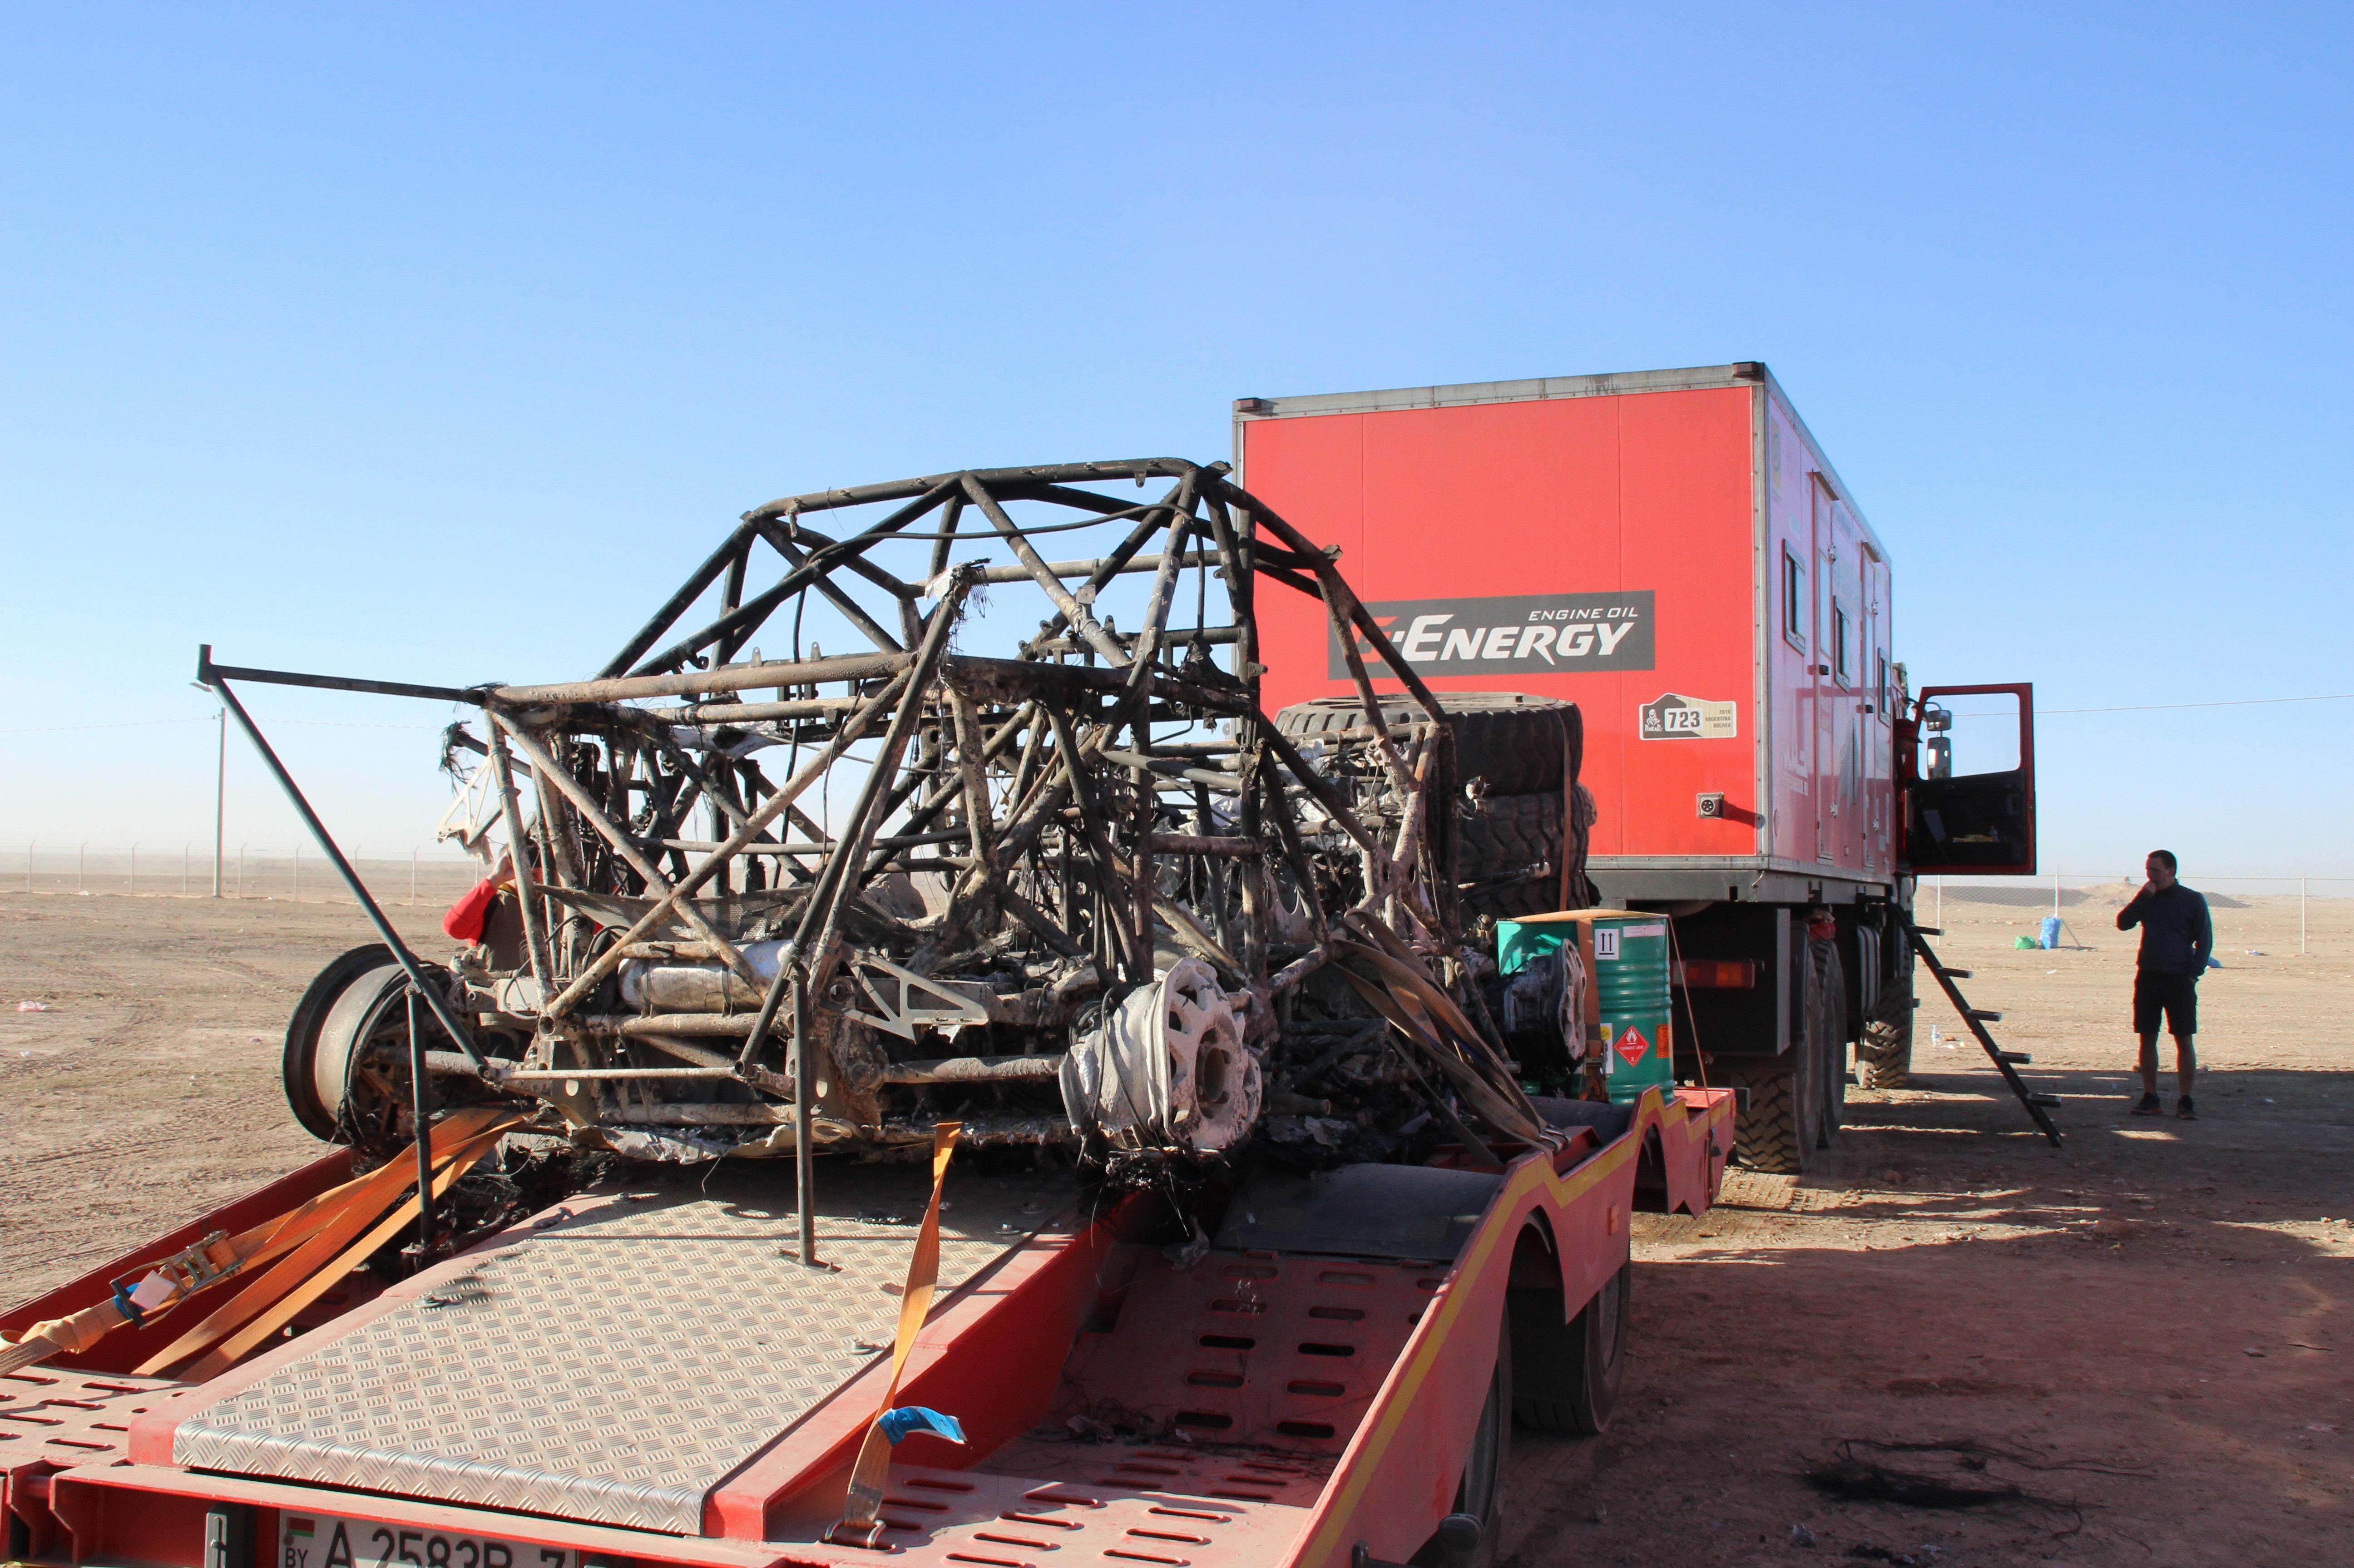 Остов сгоревшего внедорожника на лафете машины технического сопровождения МАЗ-СПОРТавто